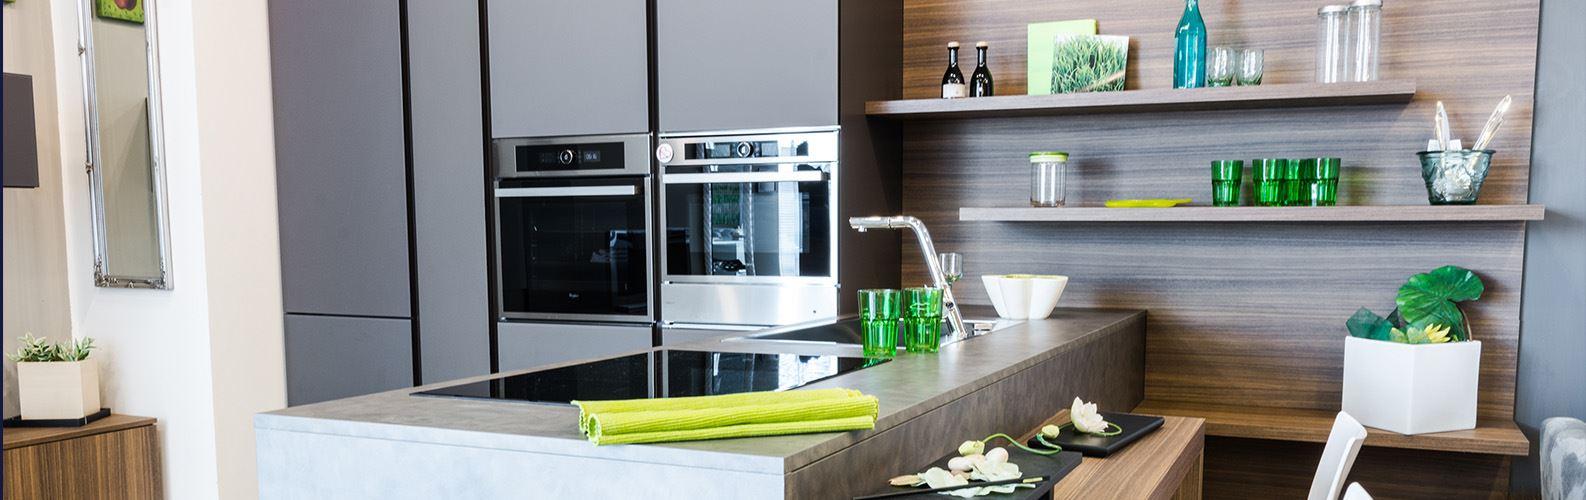 Outlet Arredamento E Casalinghi.Outlet Cucine Padova Arredamenti Meneghello Cucine Da Esposizione